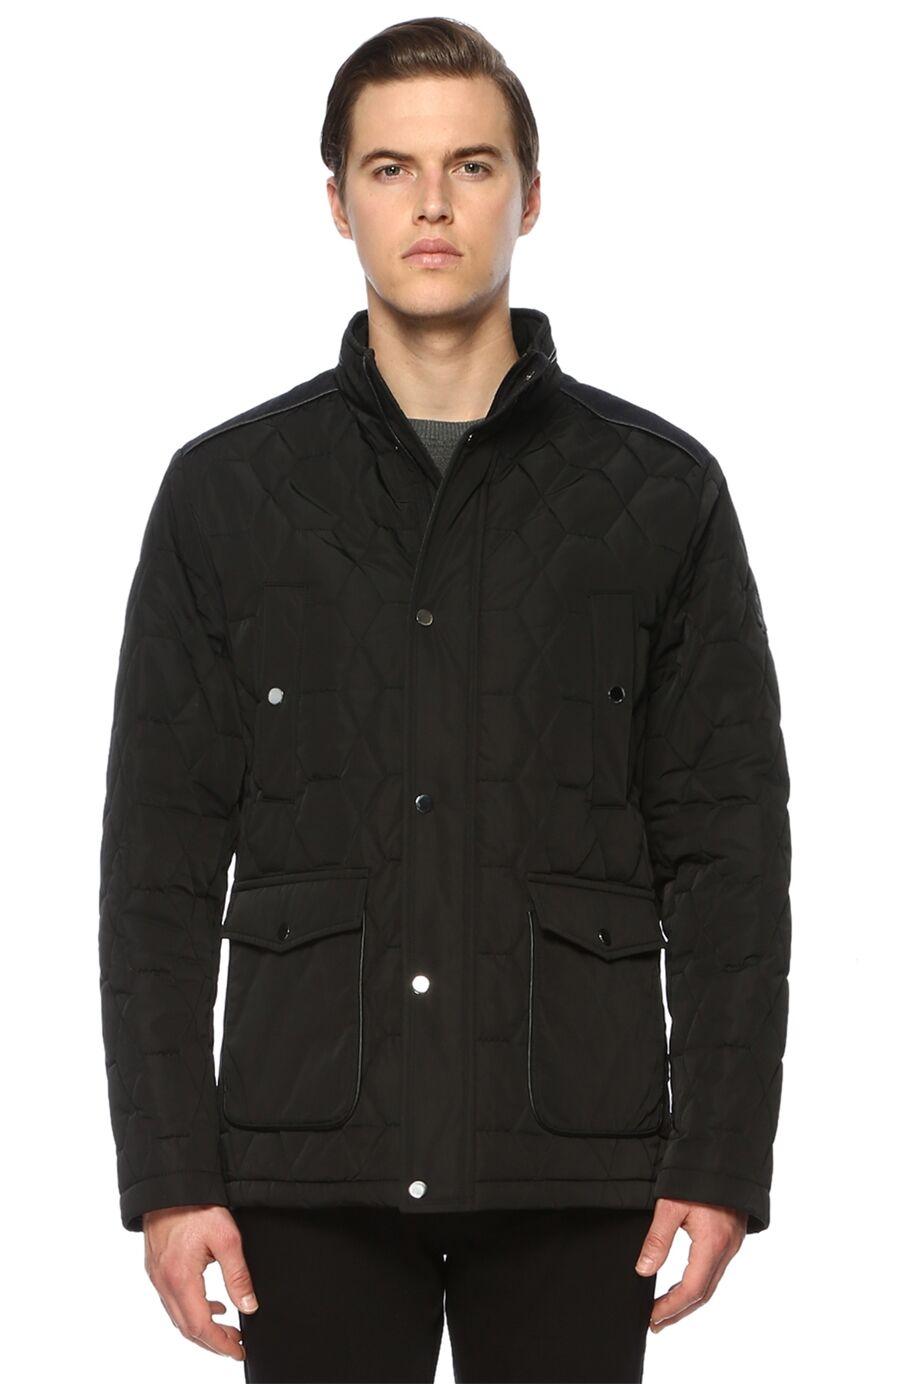 Kapitoneli Slim Fit Siyah Coat Ceket